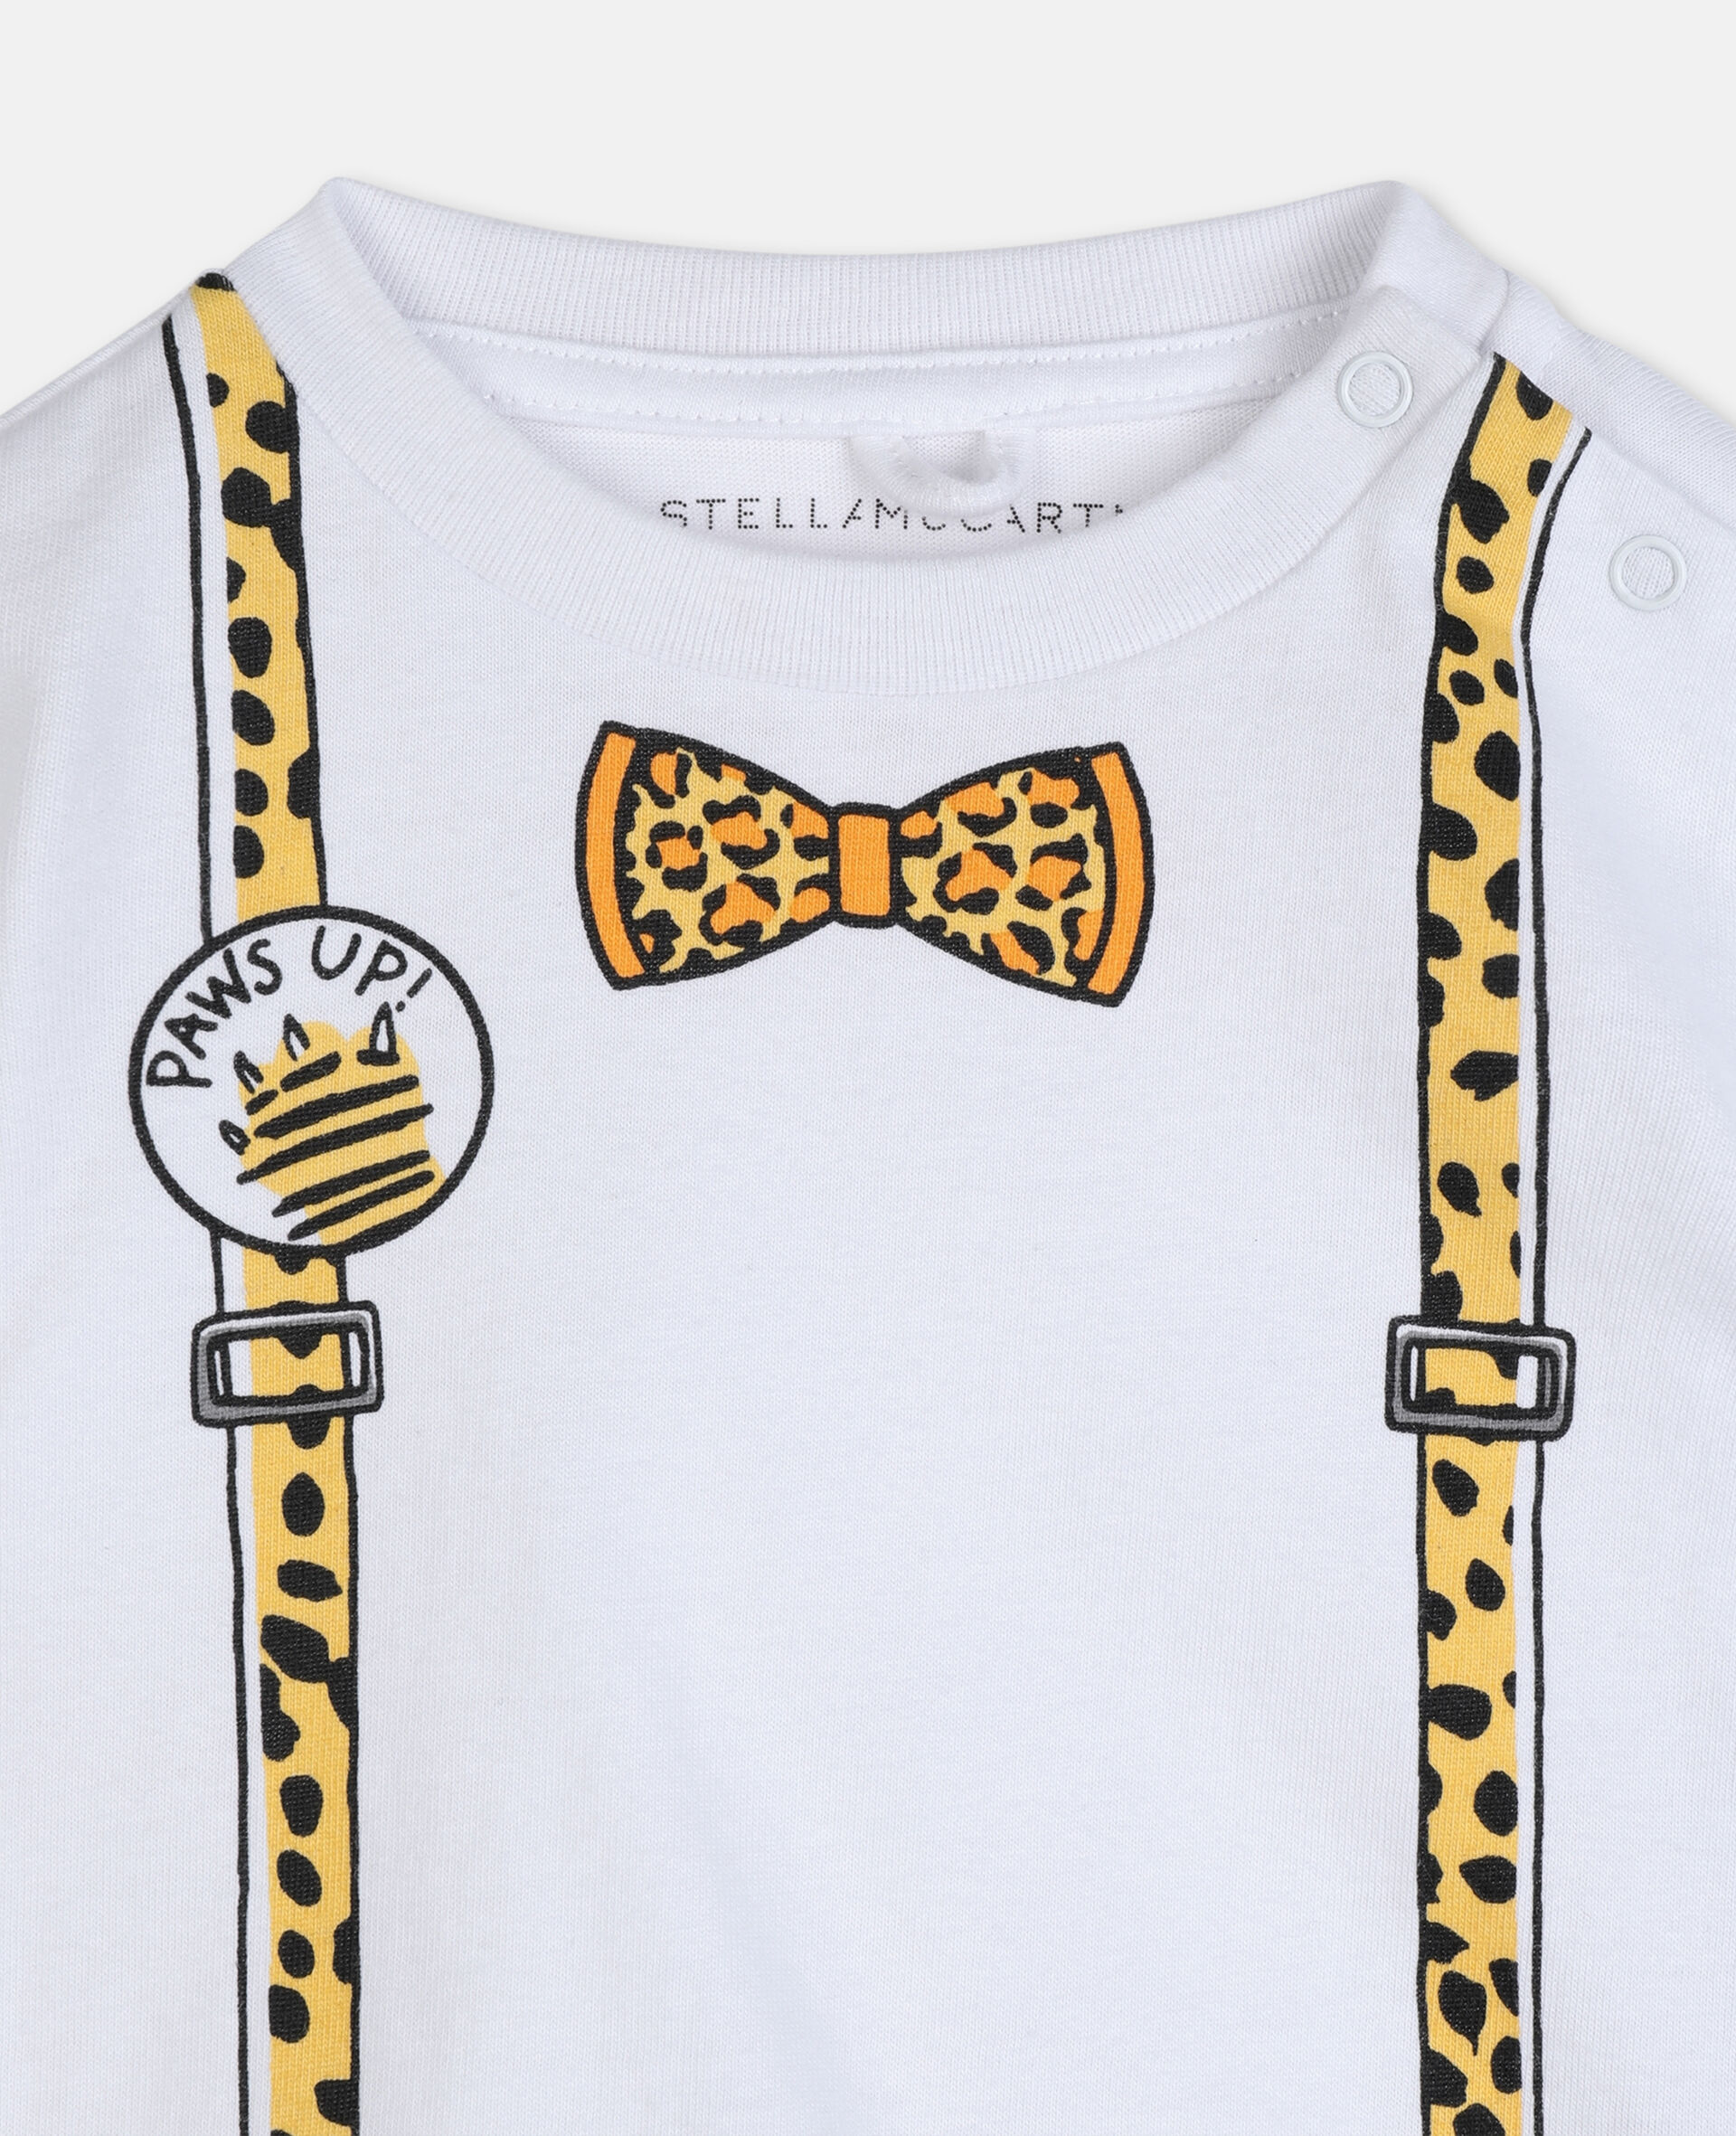 ブレイス コットン Tシャツ -ホワイト-large image number 2